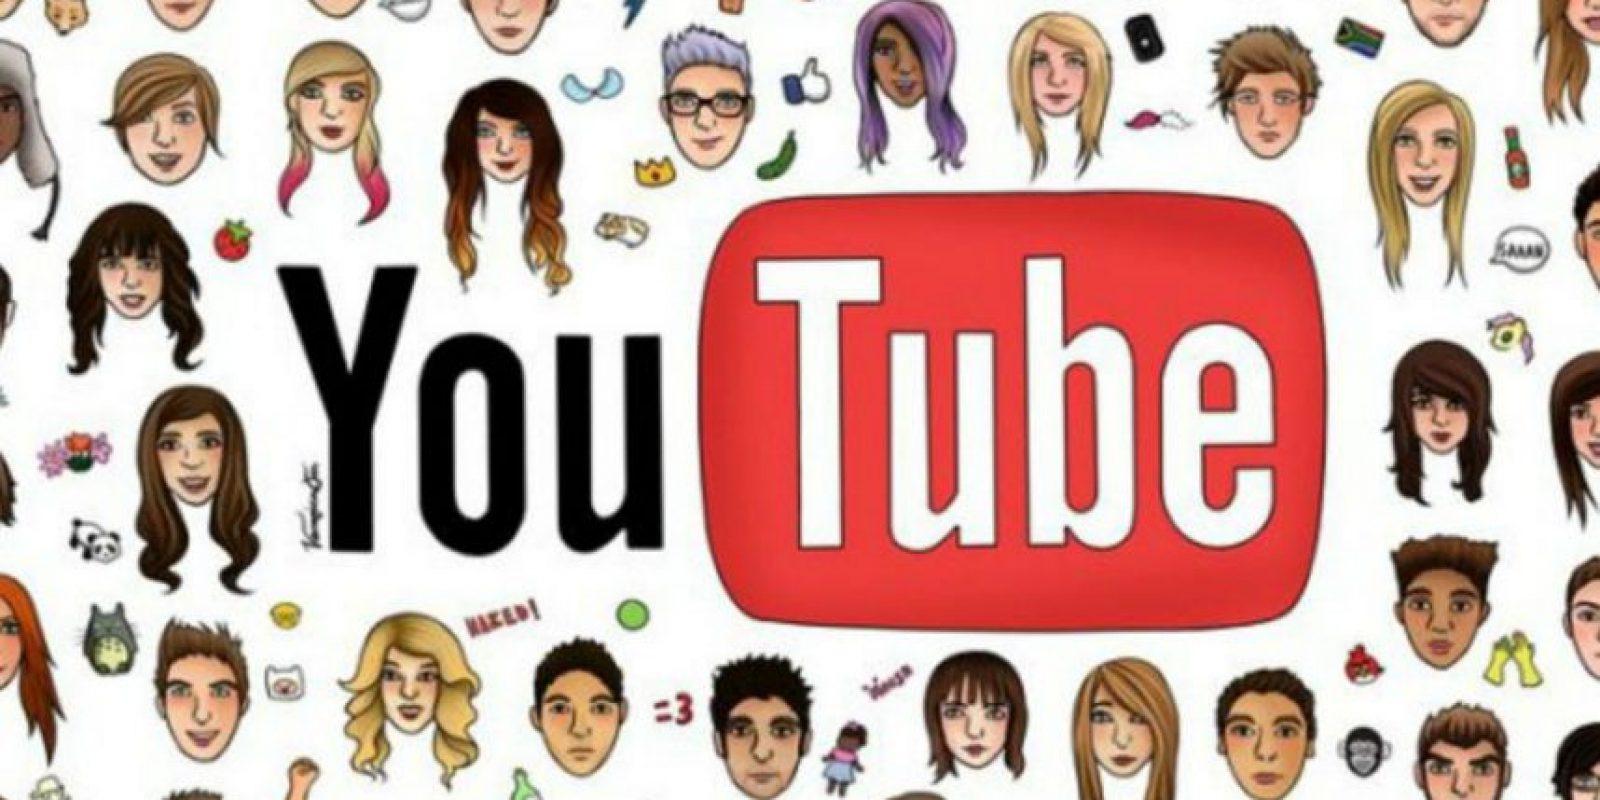 Conozcan a los 10 YouTuber que más ganan en 2015. Foto:Tumblr